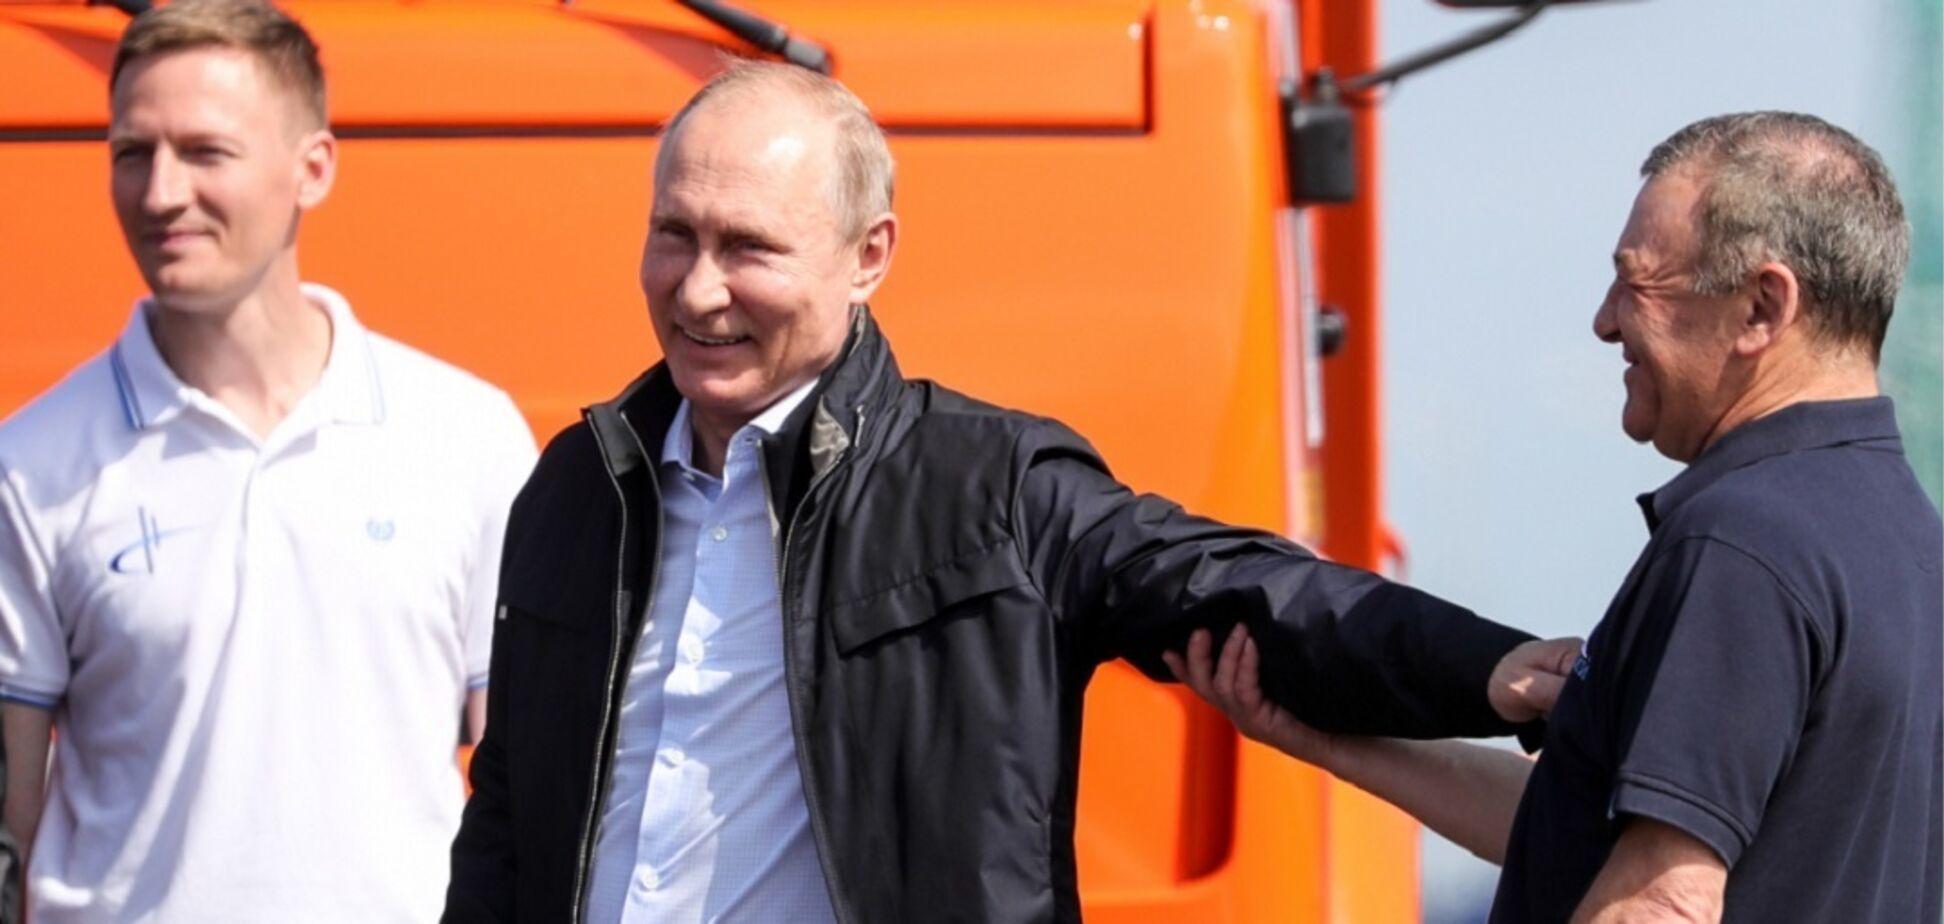 Крим на абордаж: український півострів для Путіна - не 'скрепи', а 'годівниця'